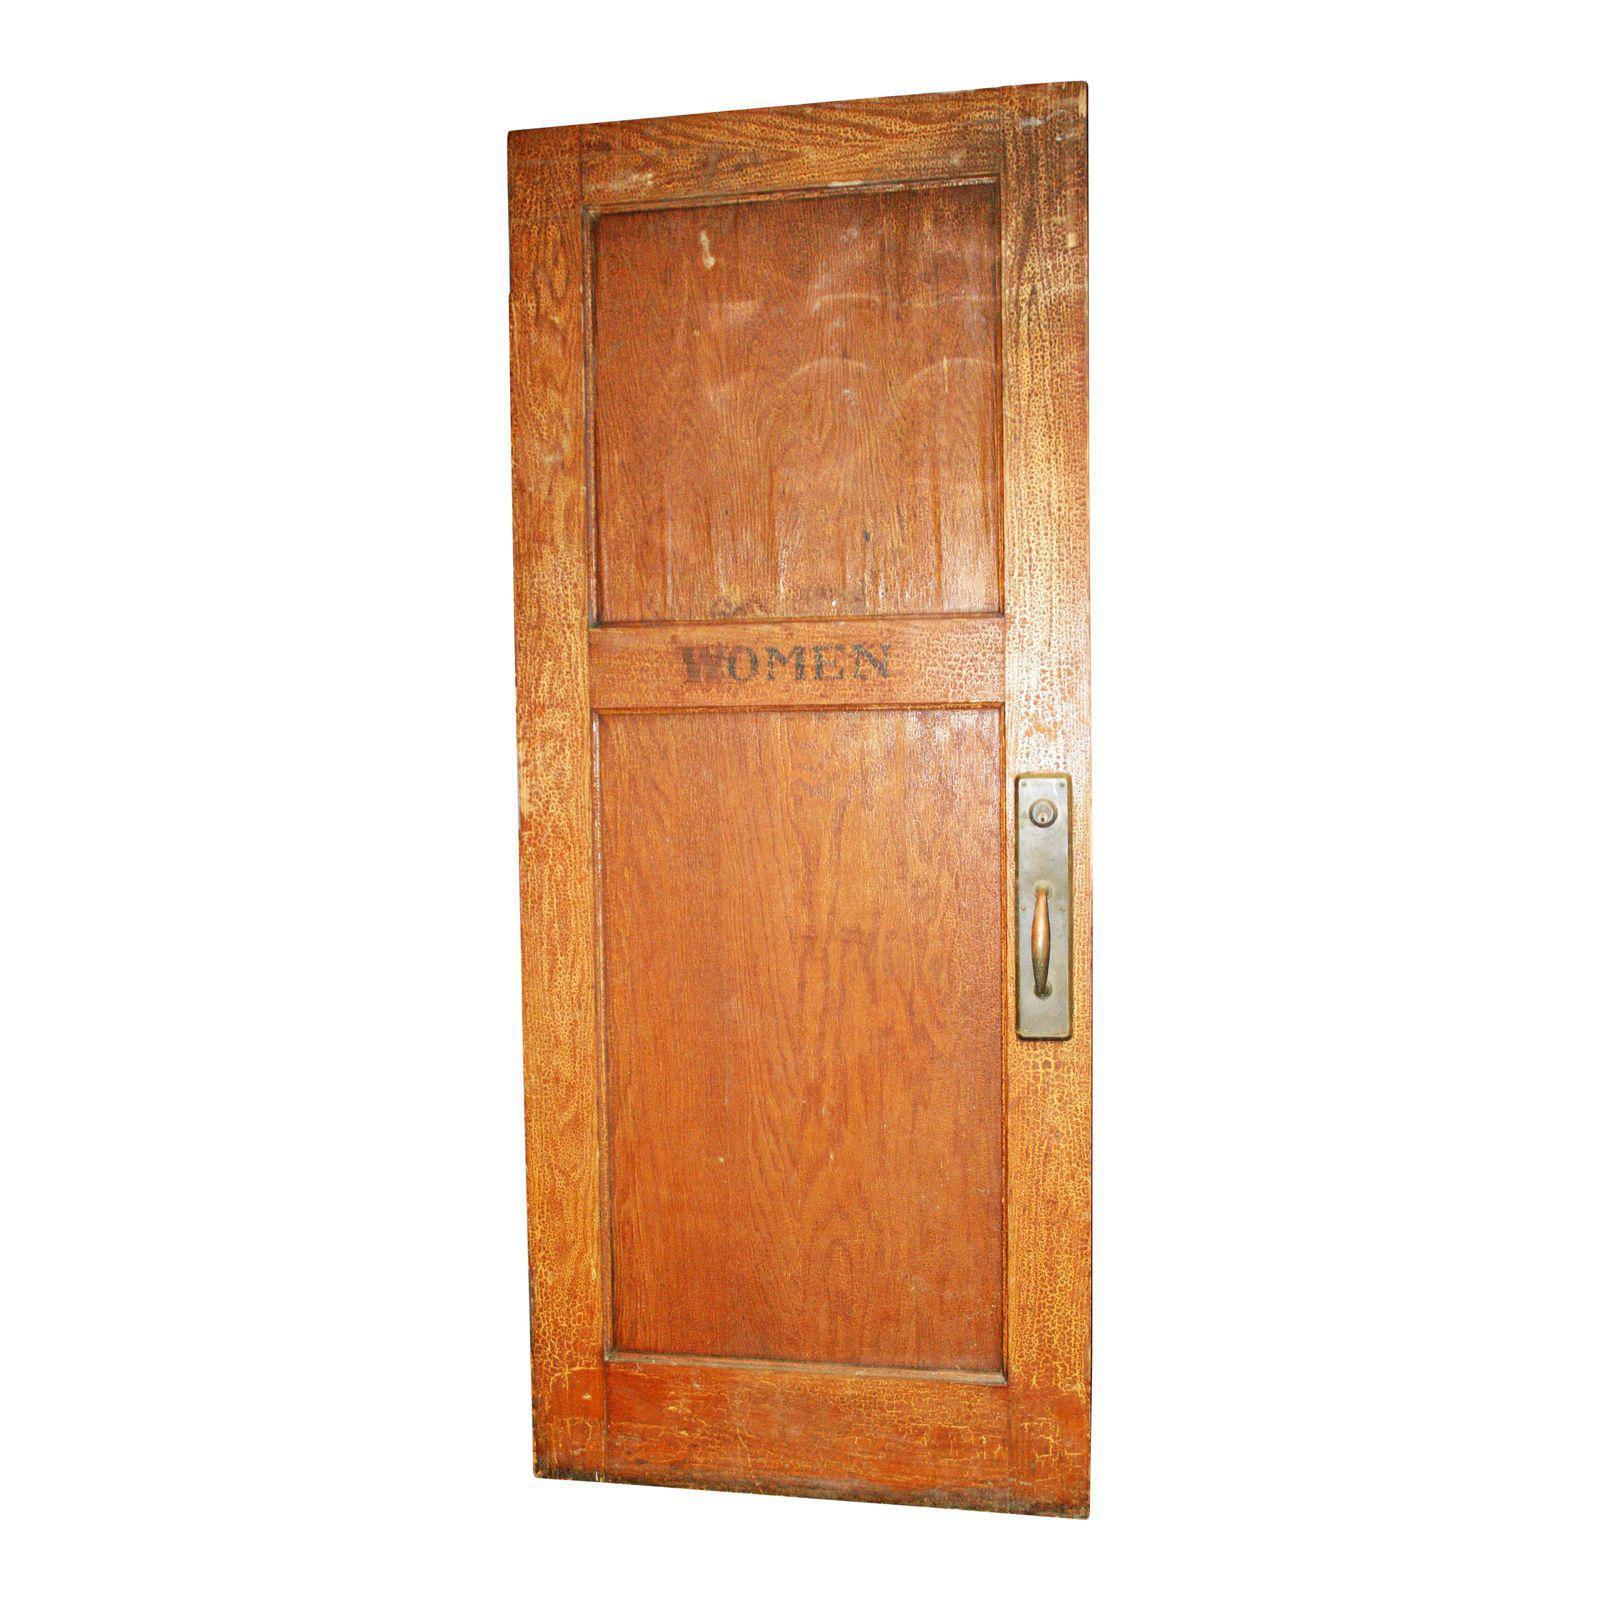 Vintage WOOD DOOR Women\'s Restroom wooden bathroom architectural ...